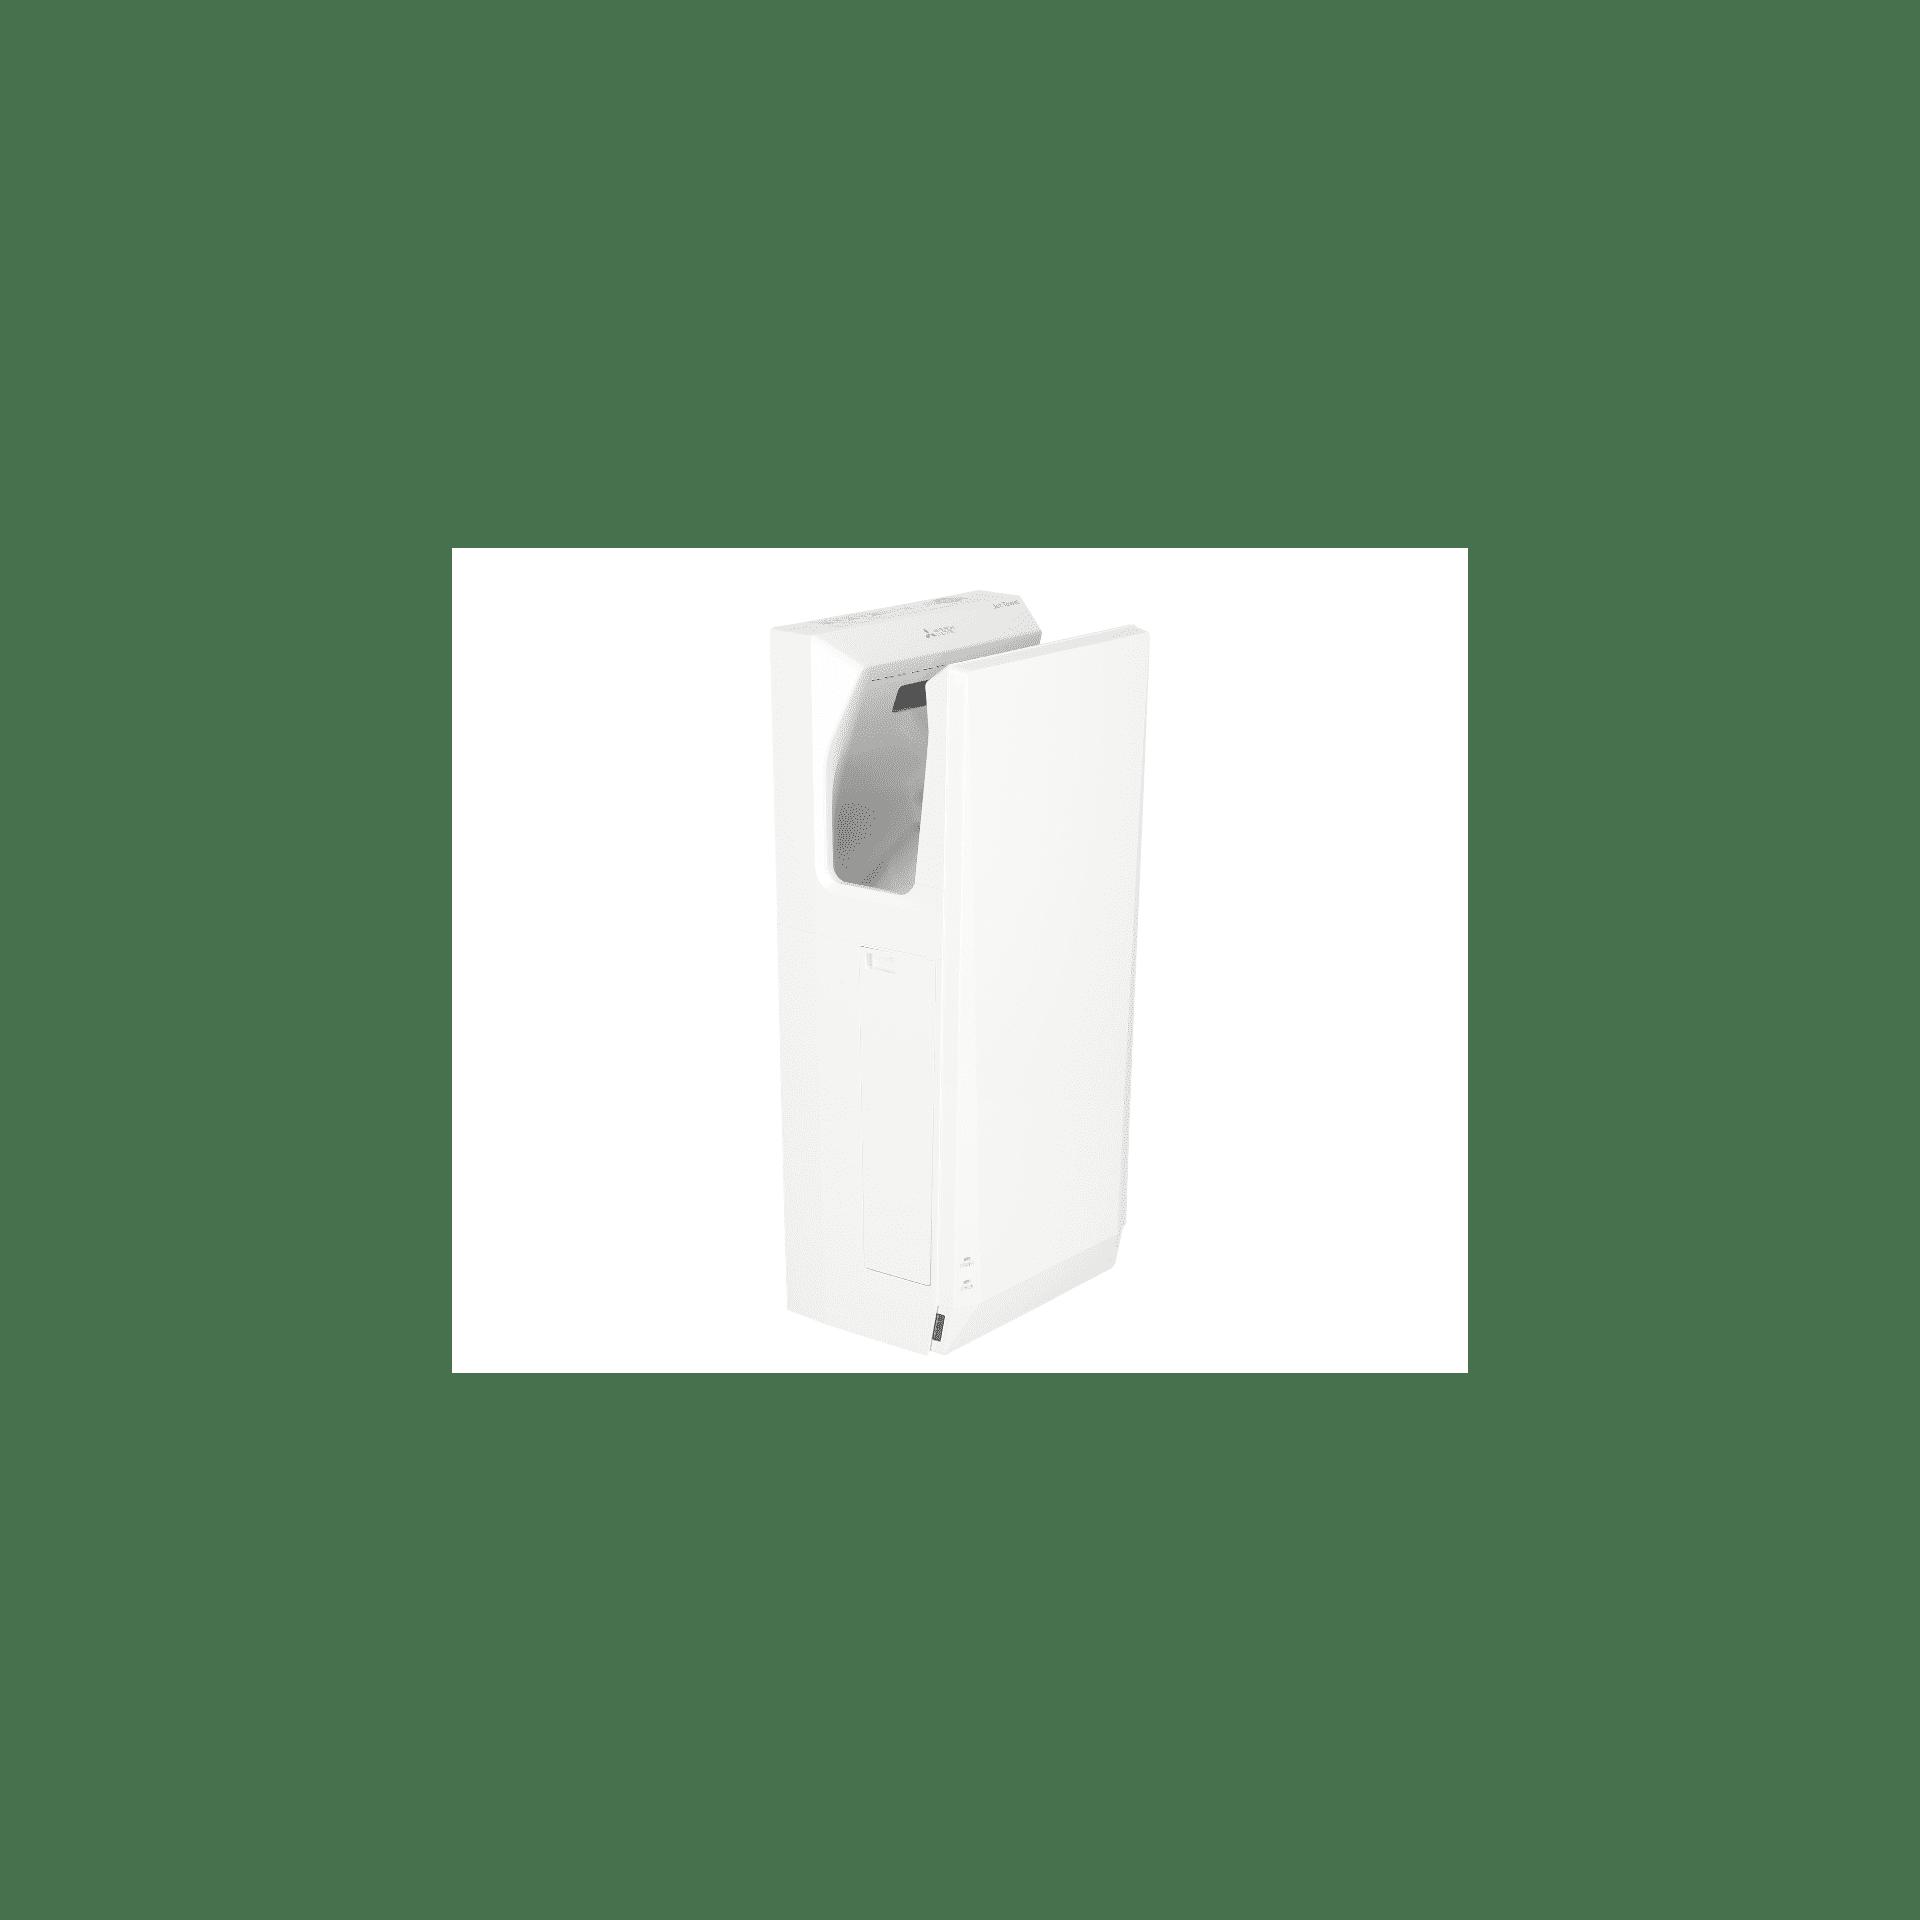 mkii intelligent dryers mark hand mitsubishi white dryer jetdri ii products